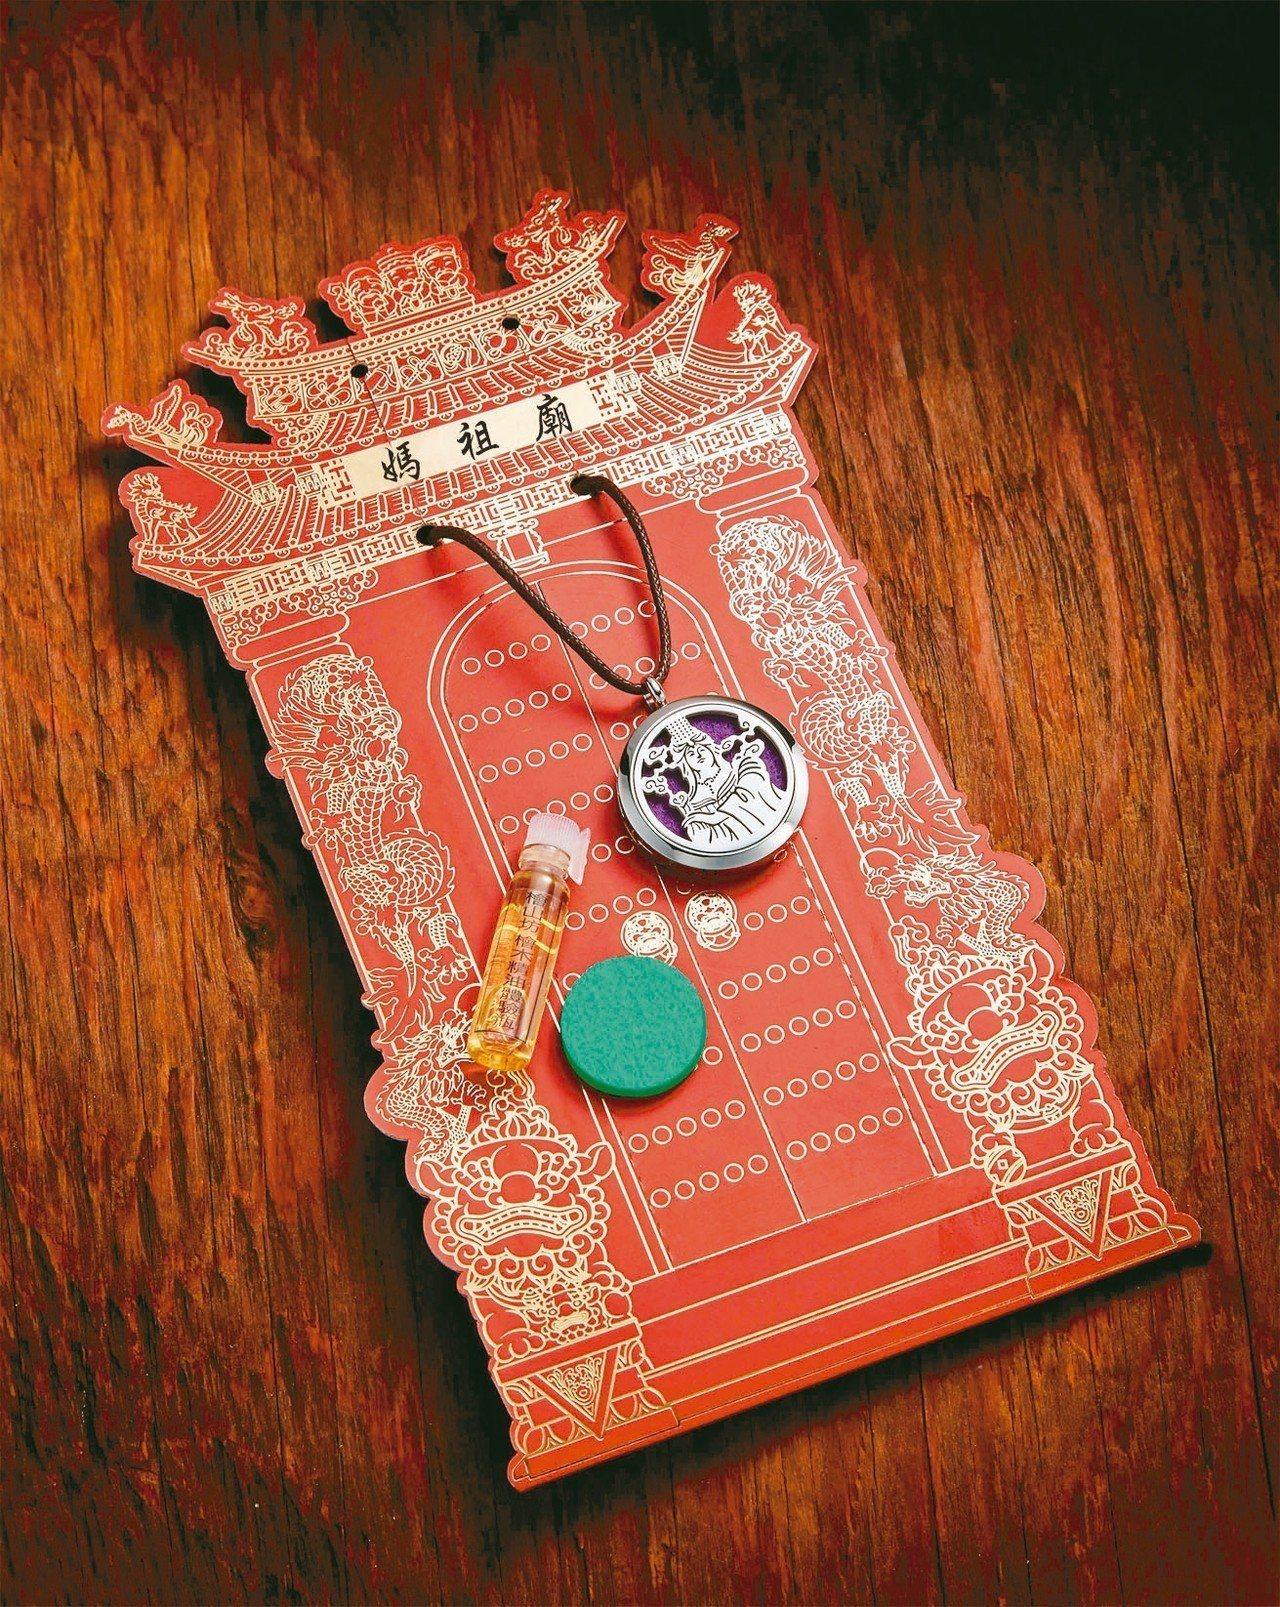 白媽祖福力旺精油項鍊是檜山坊最受歡迎的產品之一。 圖/百冠生技提供